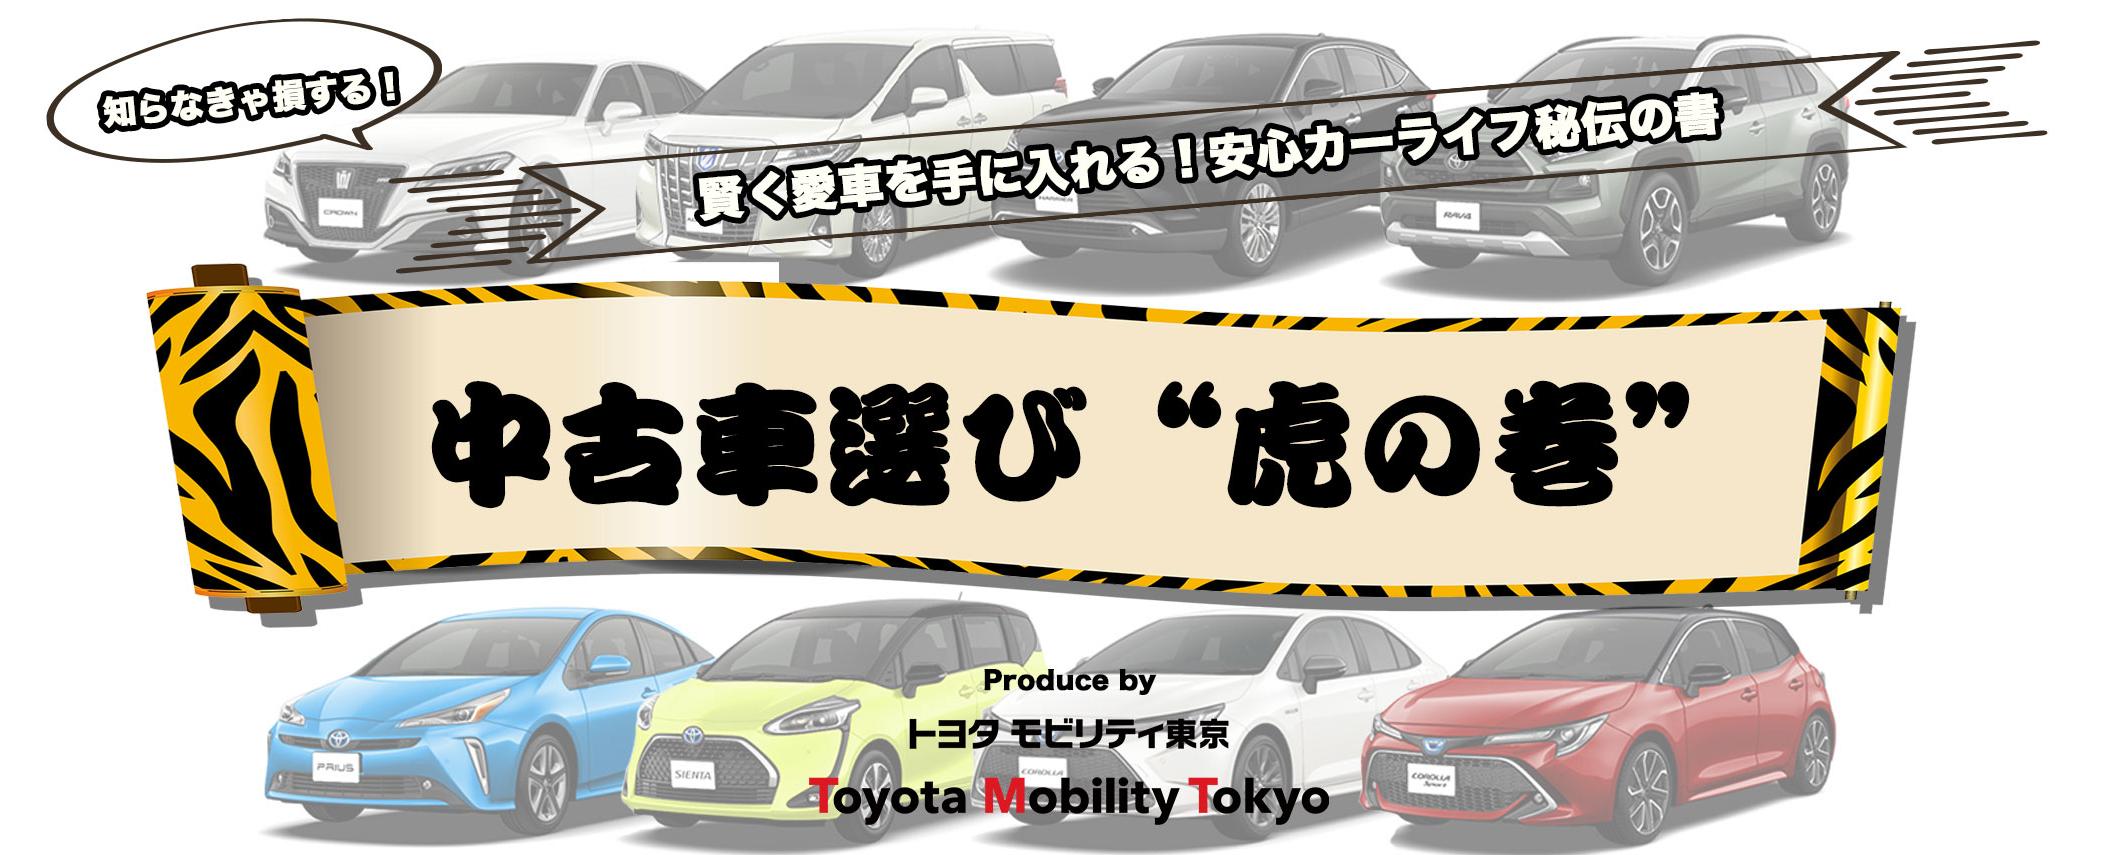 モビリティ 車 中古 トヨタ 東京